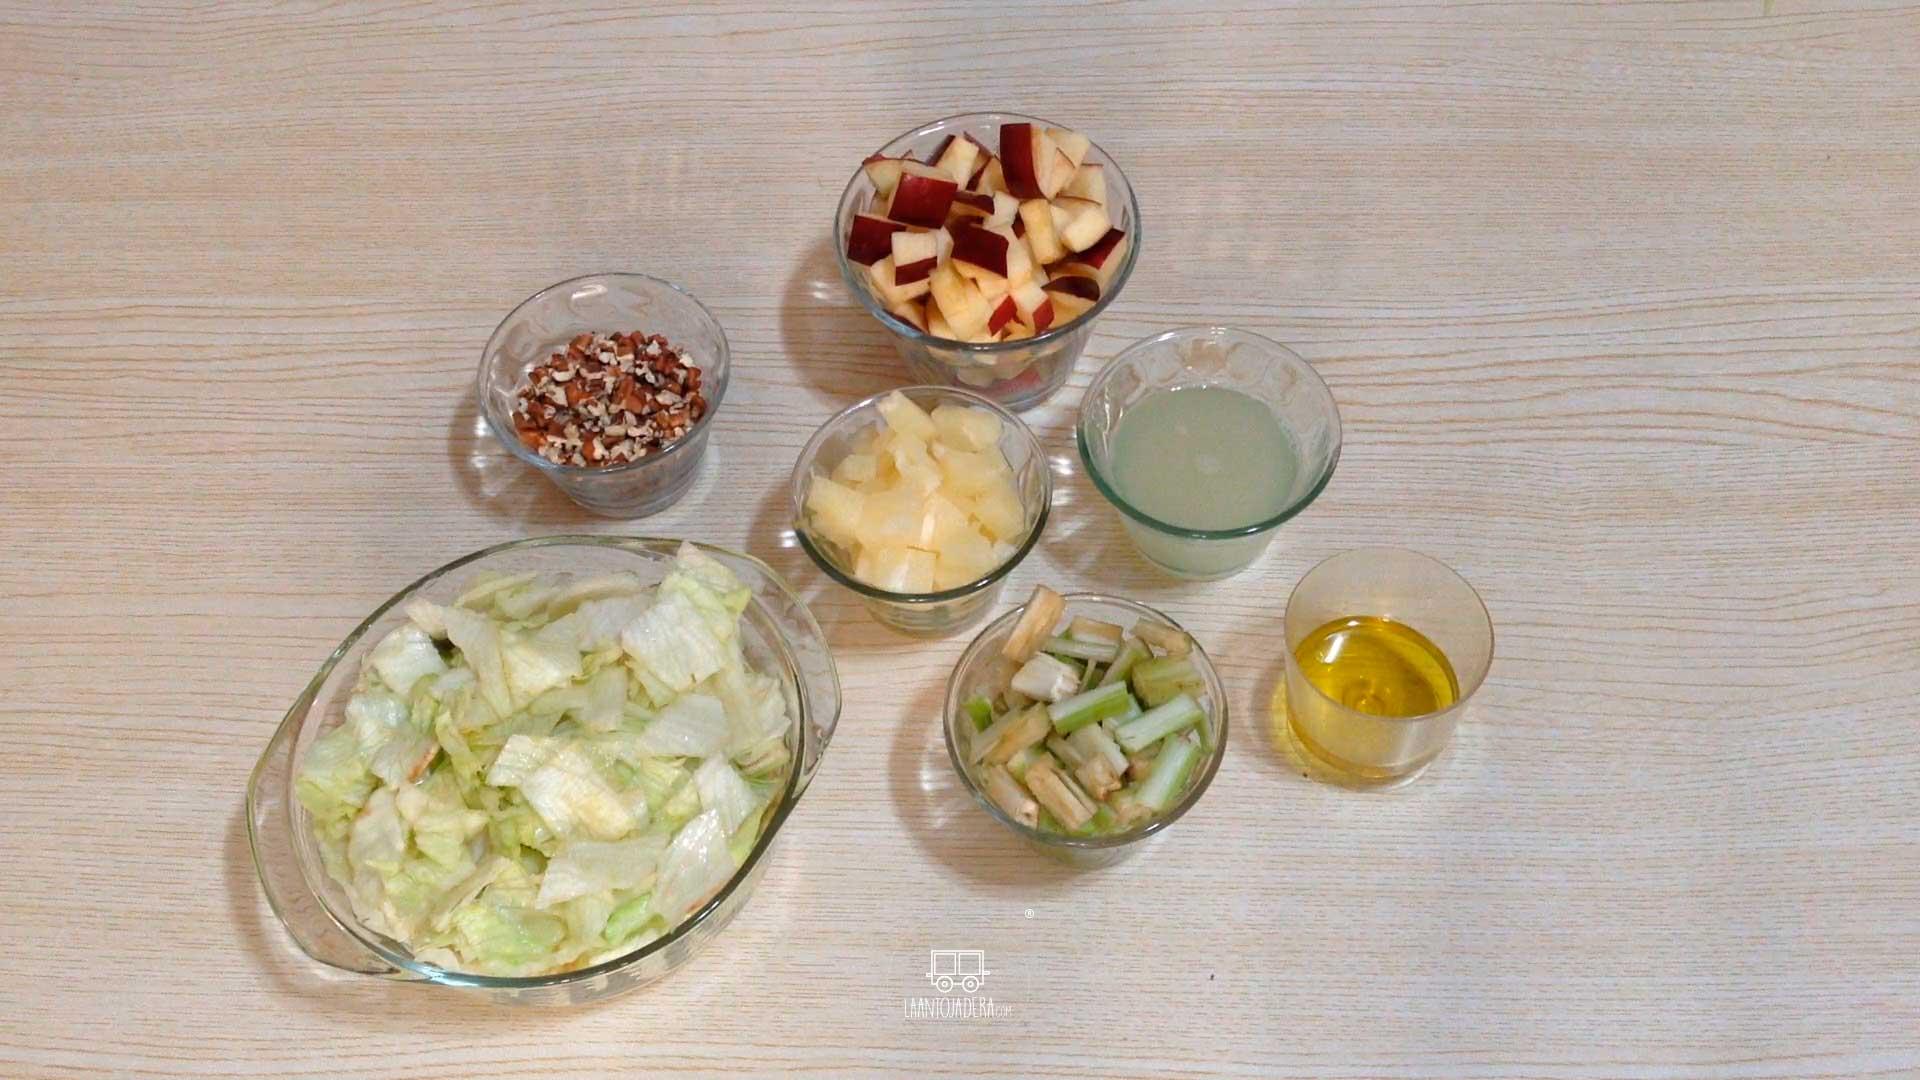 La Antojadera | Ensalada de Manzana y Apio